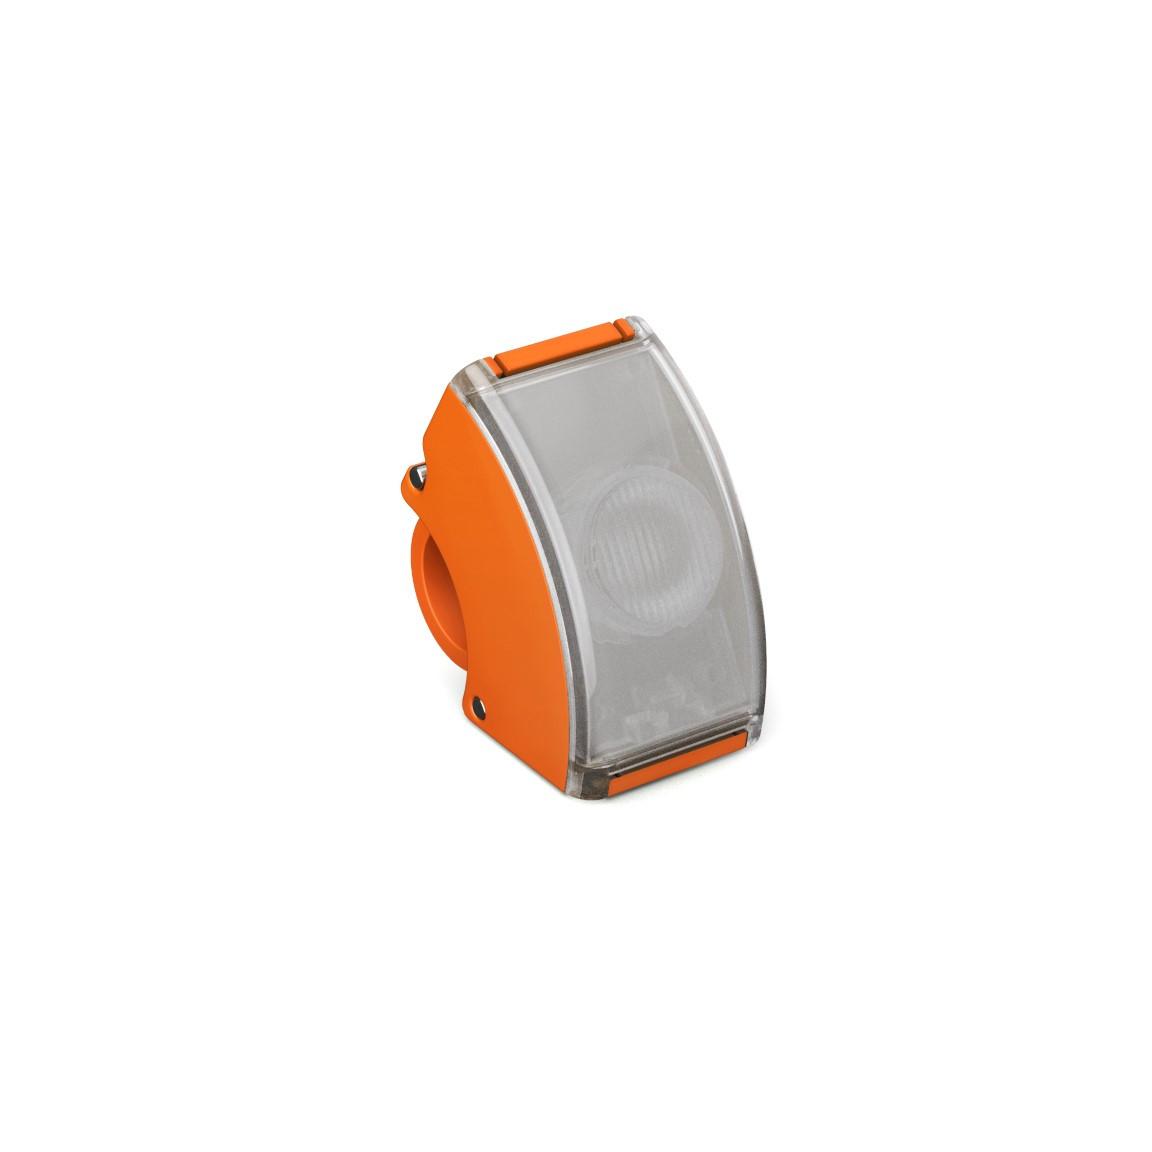 Fahrradlicht  Wiederaufladbar Vor Curve   Orange